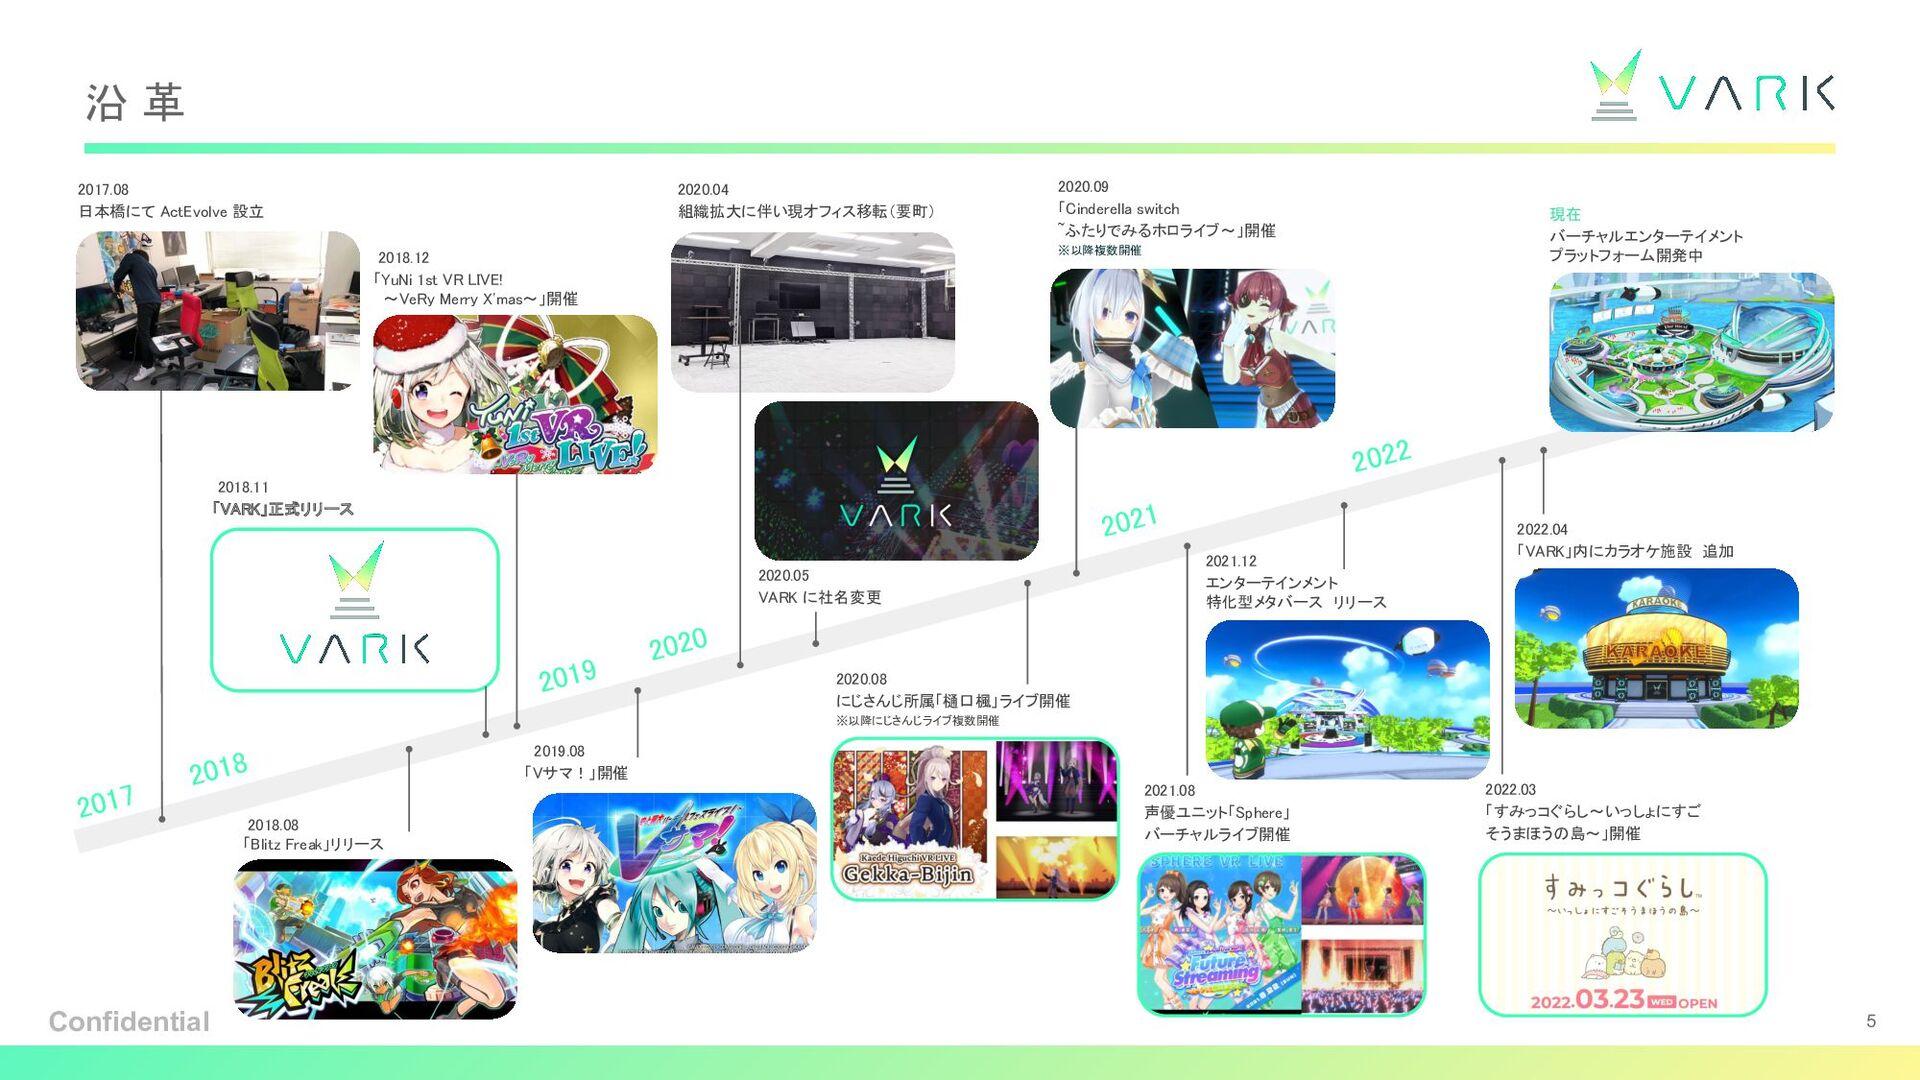 ざっくり沿革 日本橋にて ActEvolve 設立 2017.08 オフィス移転(シェアオフィ...